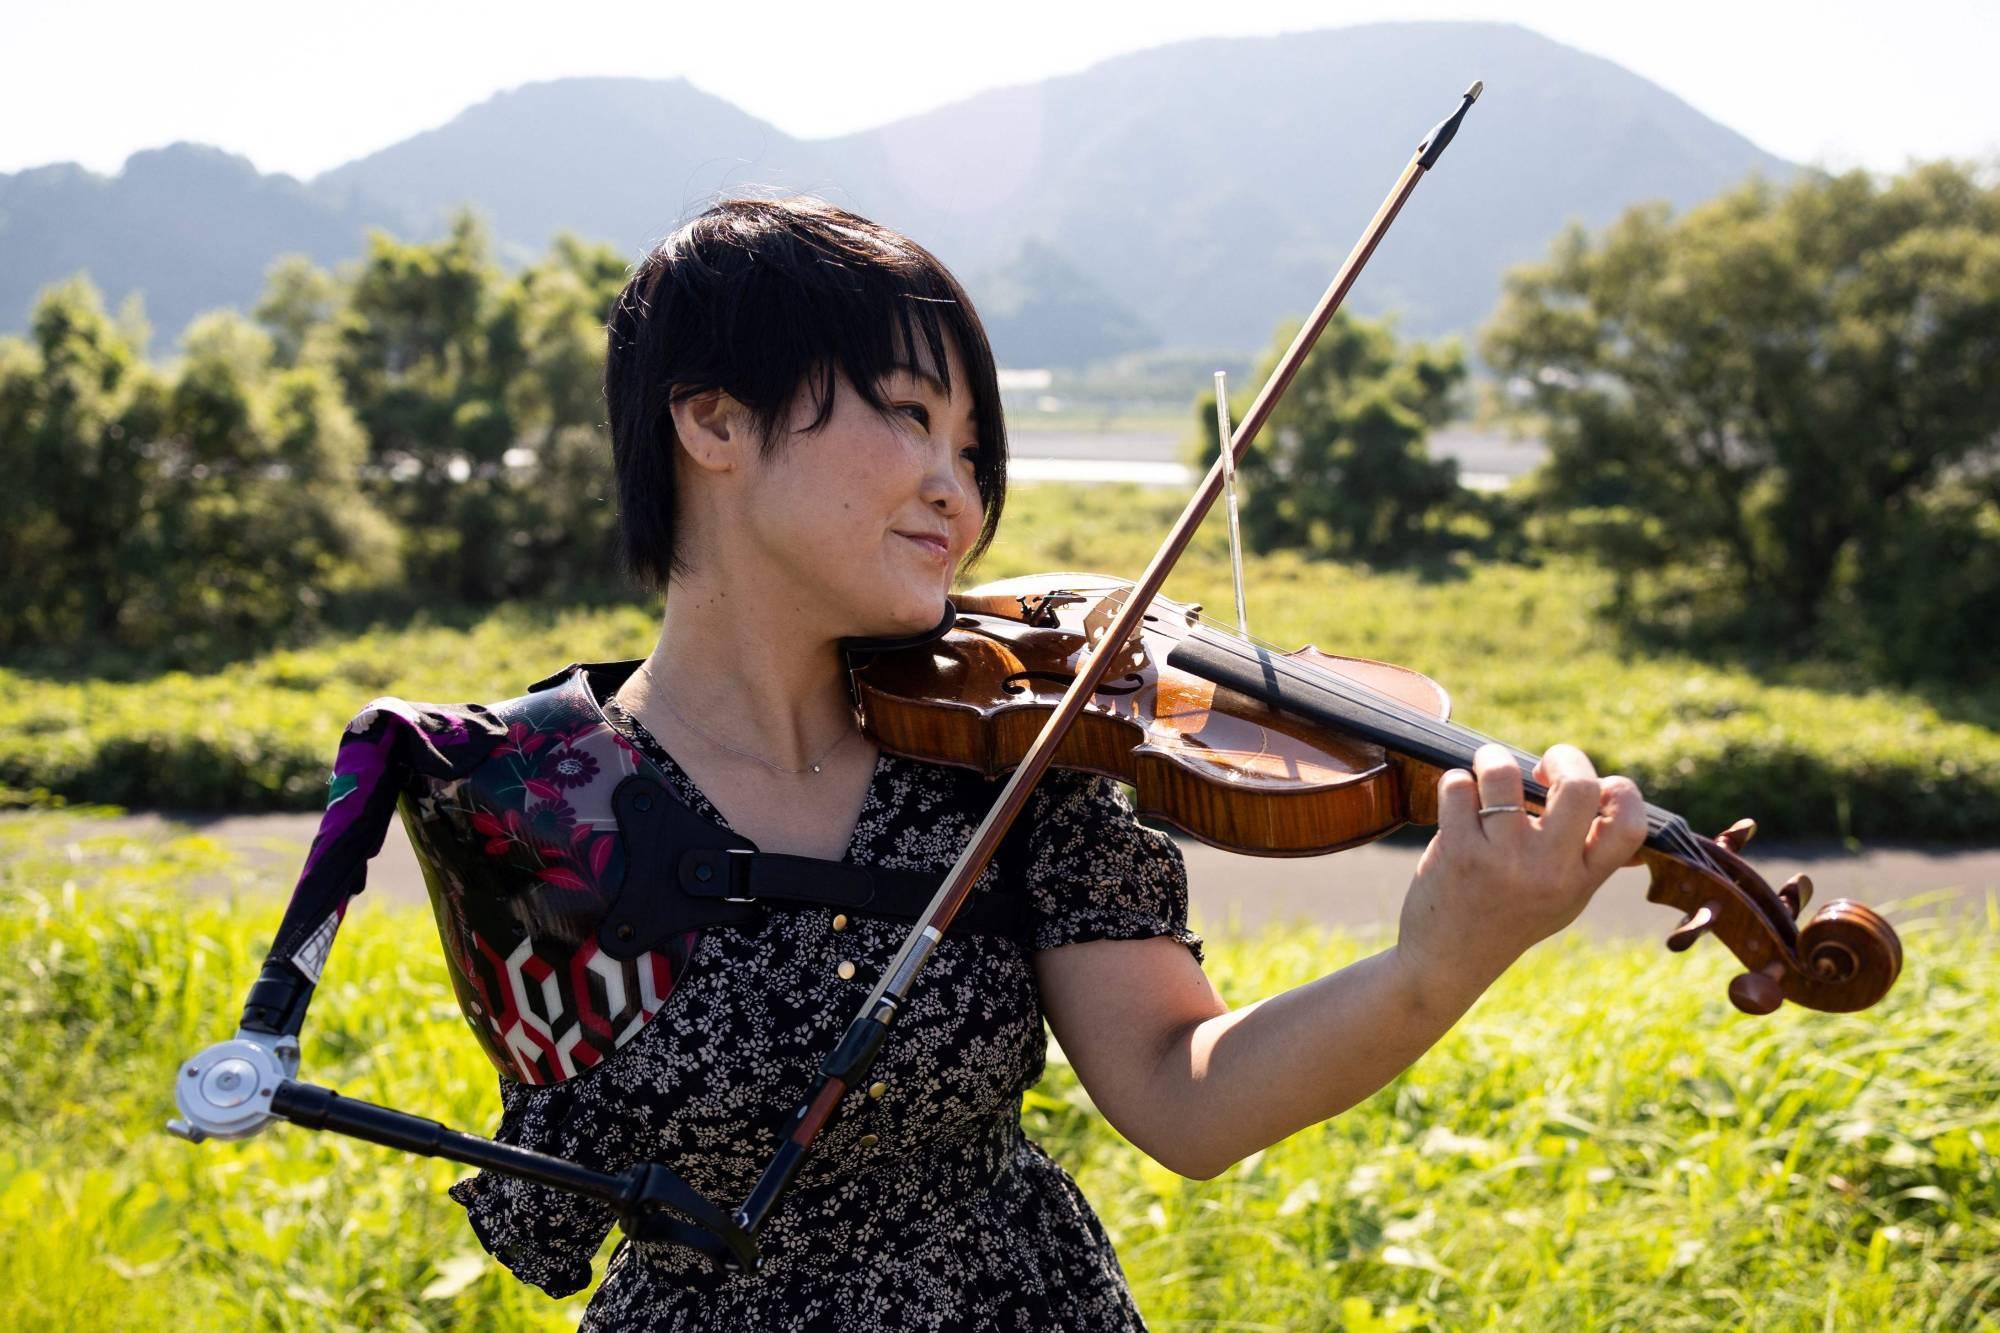 Người phụ nữ mất một cánh tay trở thành y tá, vận động viên, nghệ sĩ violin - Ảnh 1.